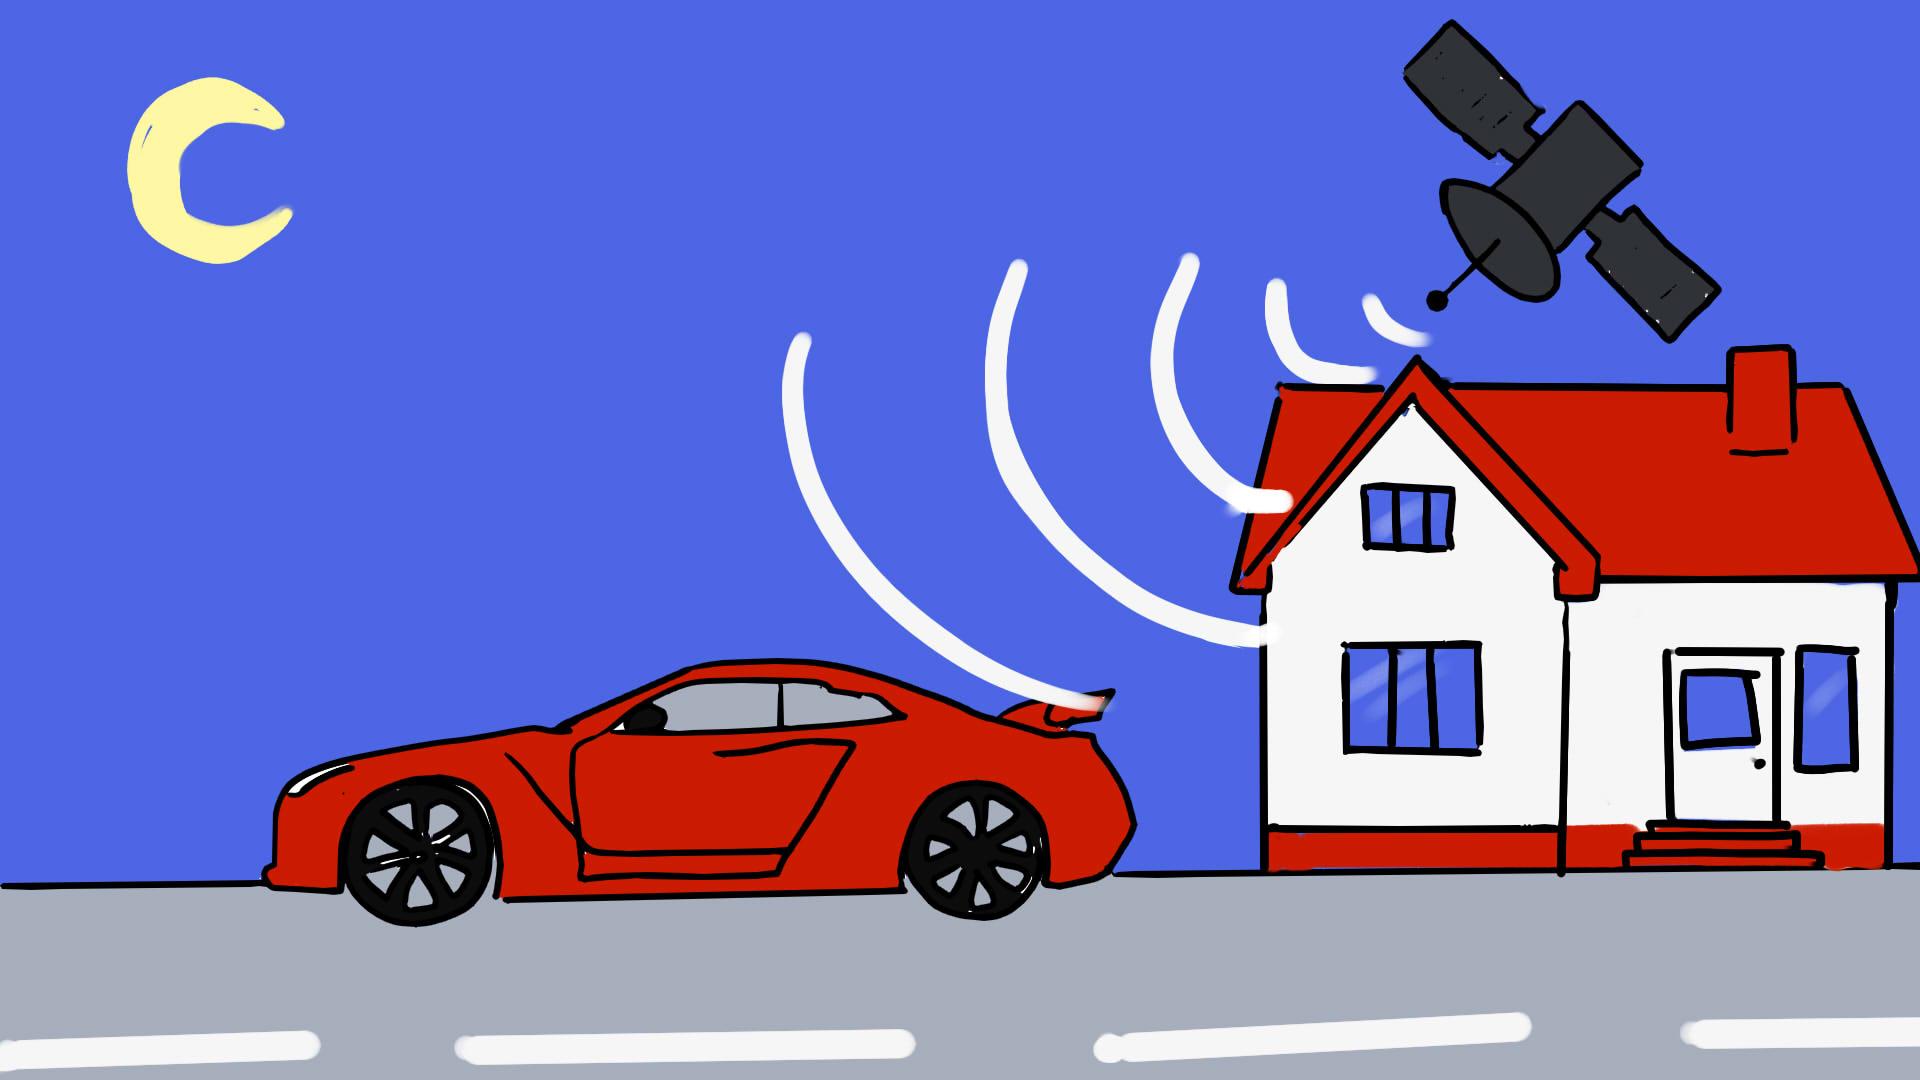 Автотелематика: а я машину по движению узнаю